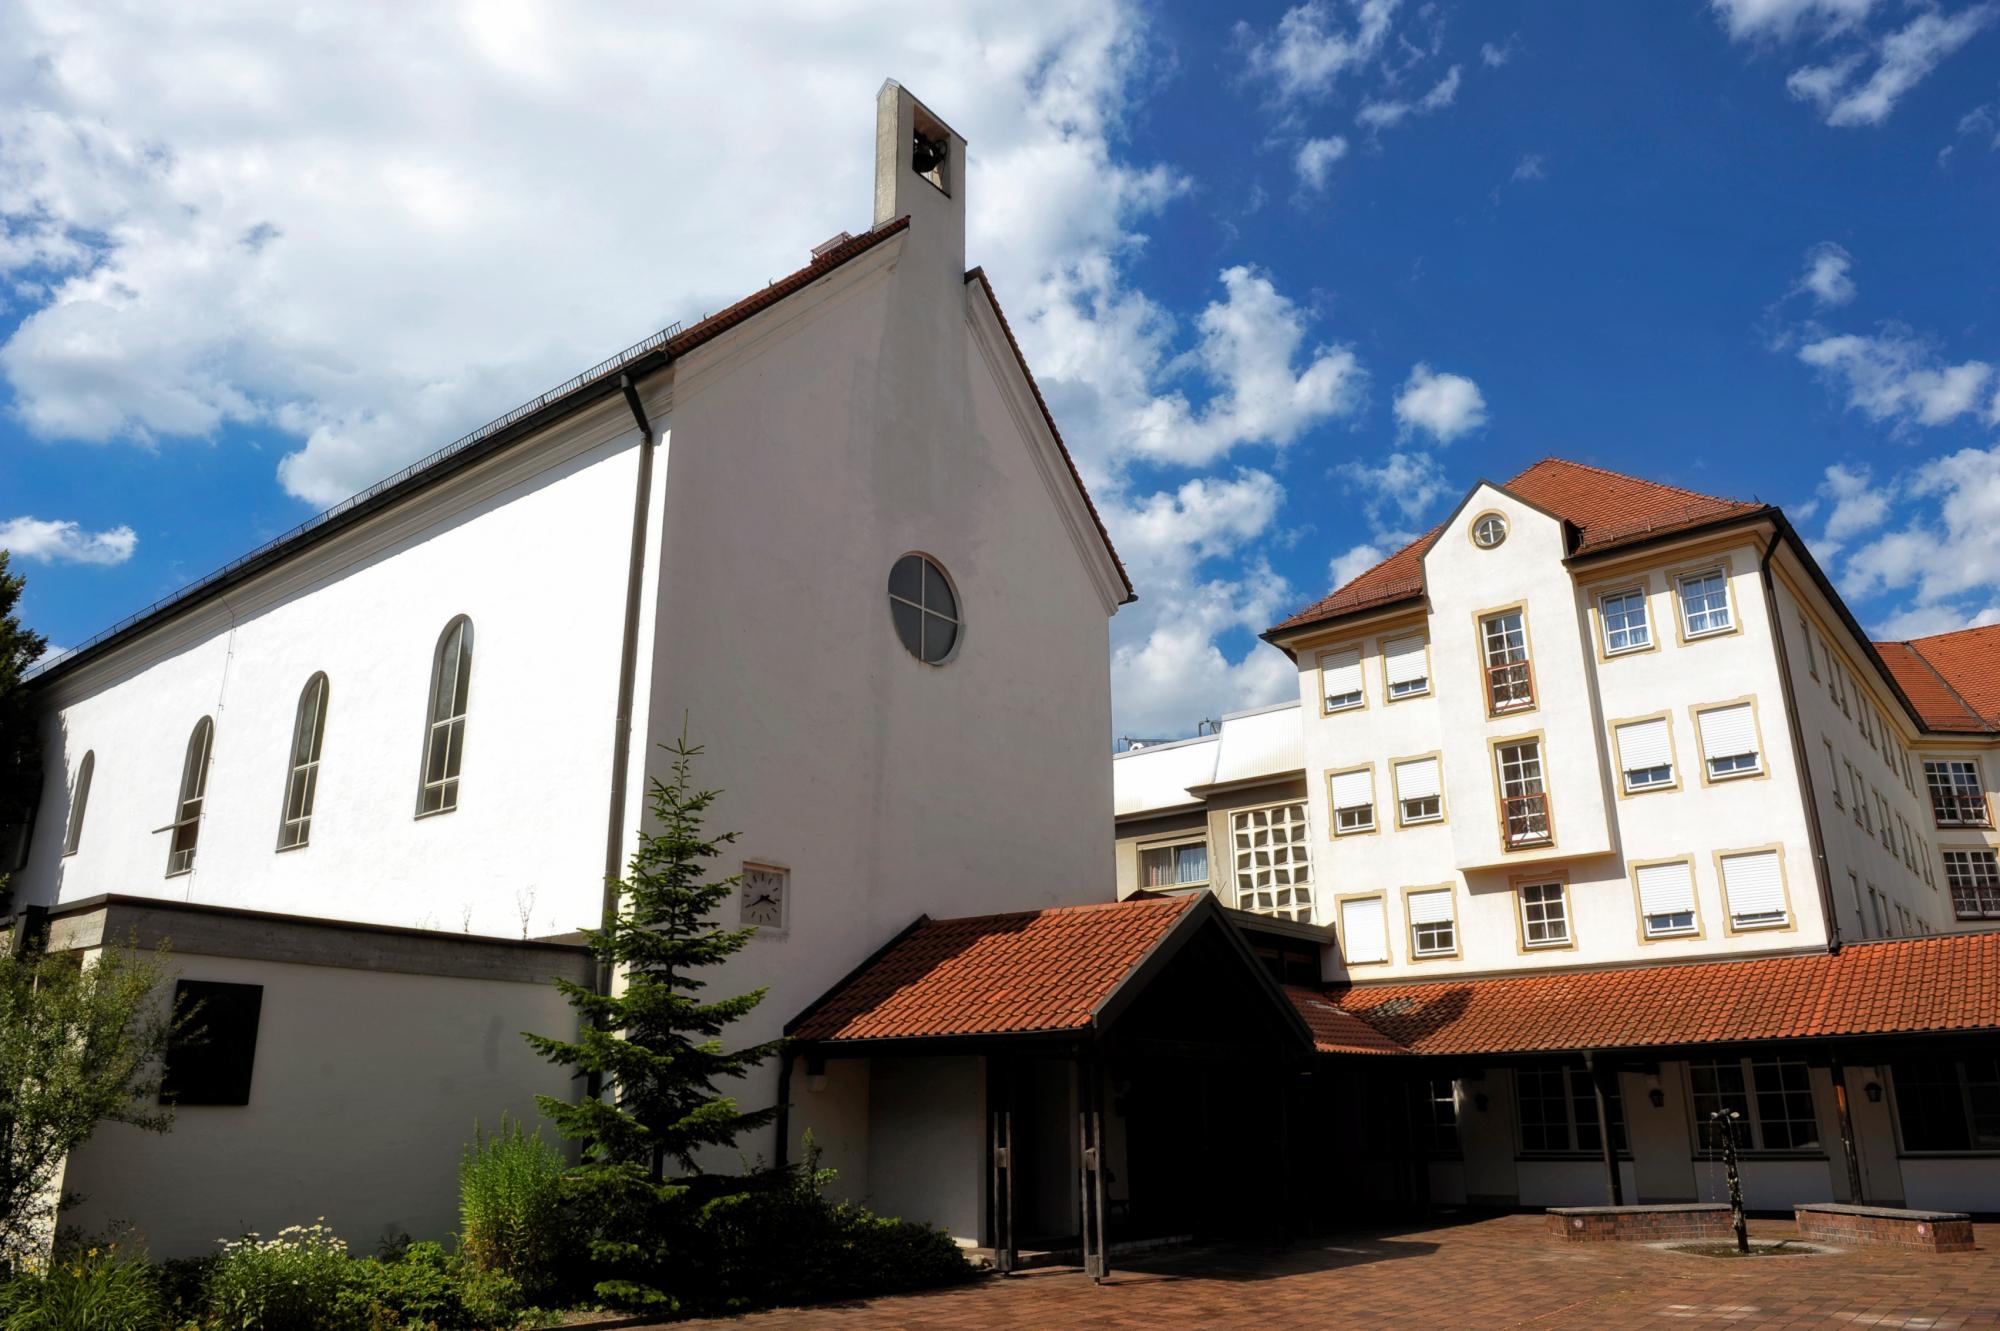 Hausansicht Franziskushaus mit Kapelle Bildquelle Stiftung SLW Altötting